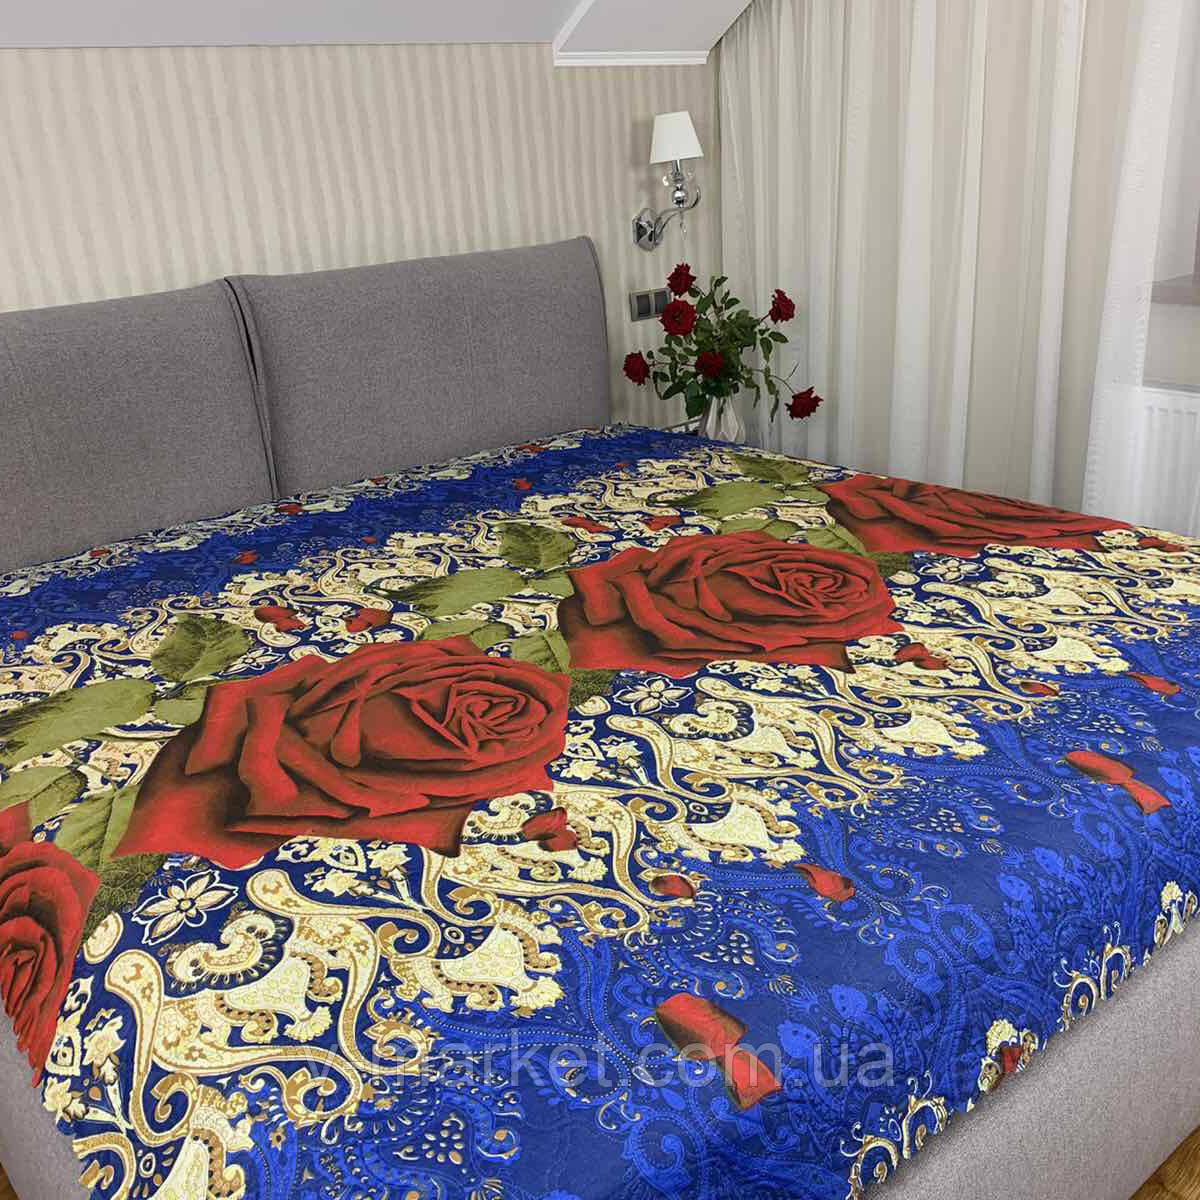 Летнее одеяло покрывало цветы полуторка, 145/205